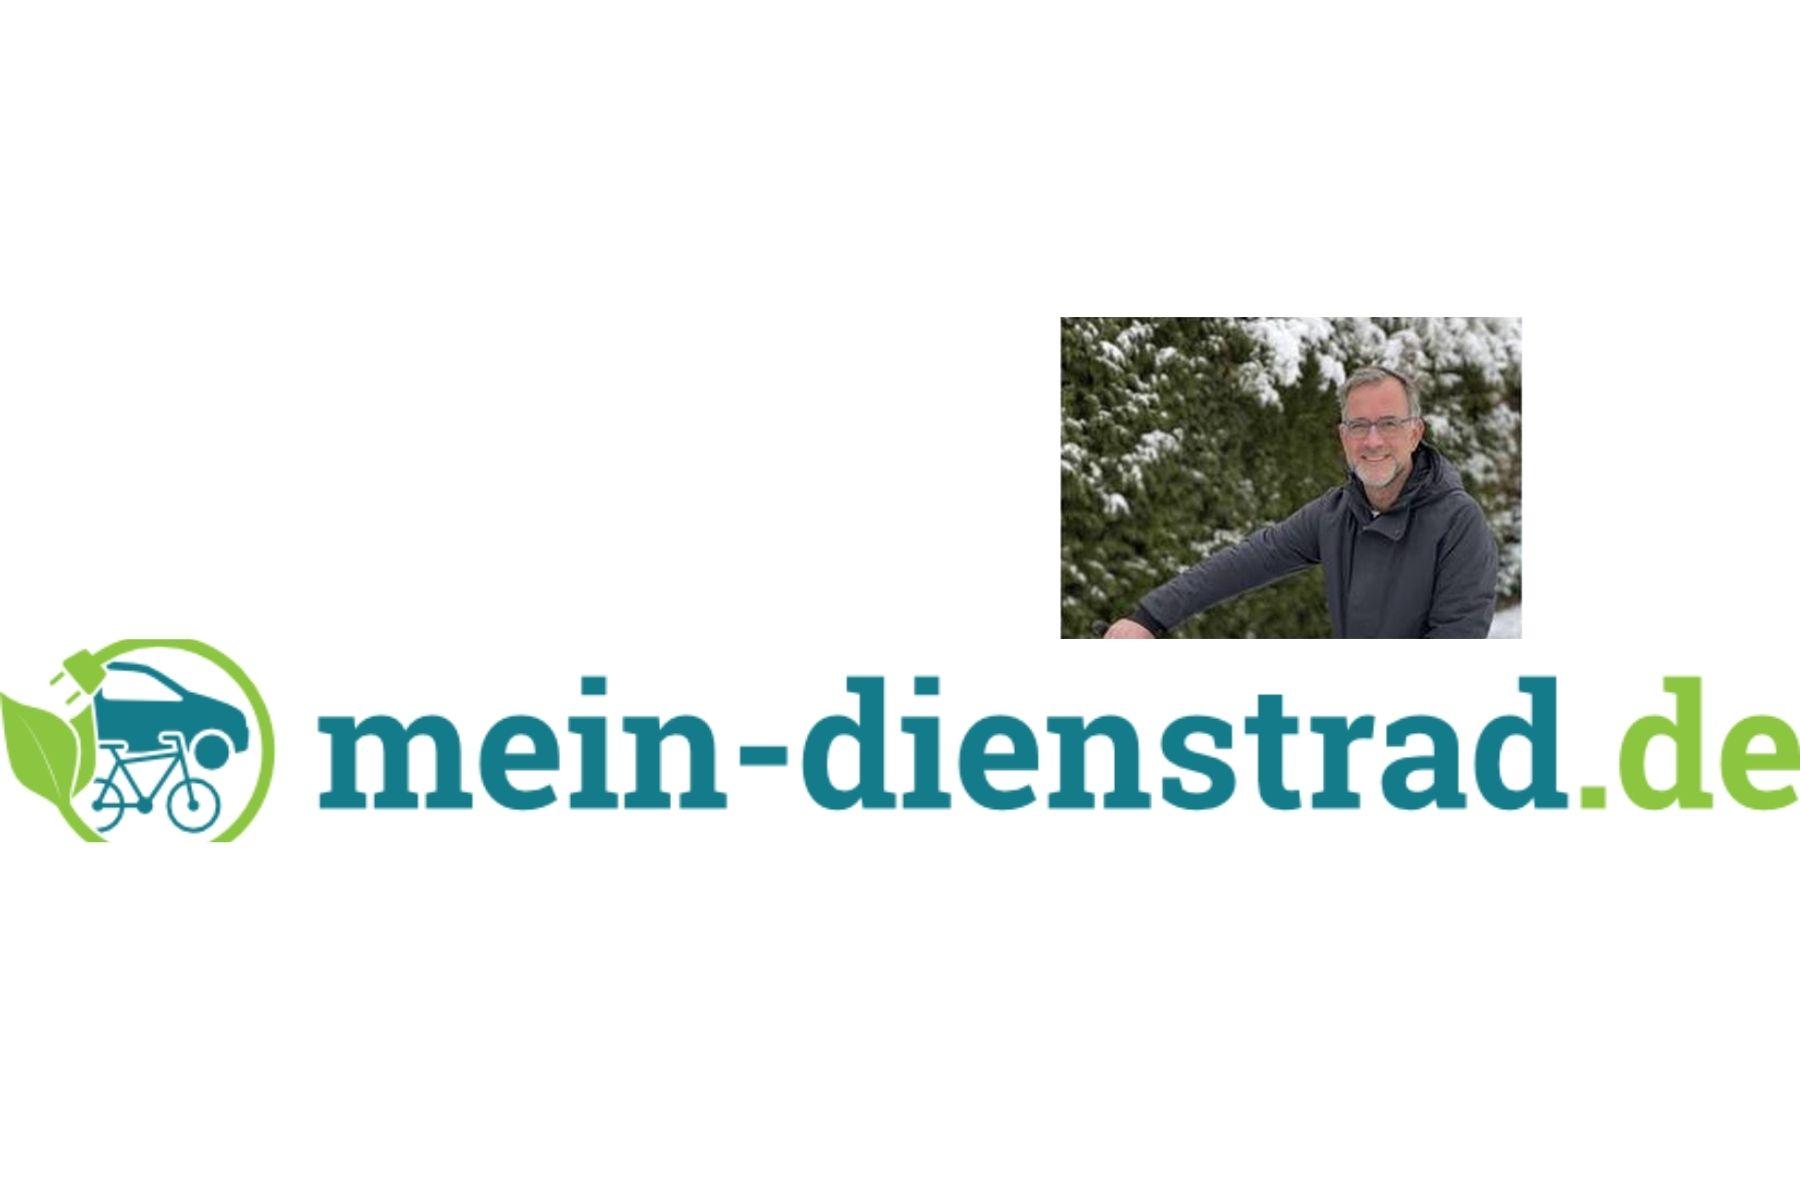 mein-dienstrad.de: Statement zum Nationalen Radverkehrsplan 3.0